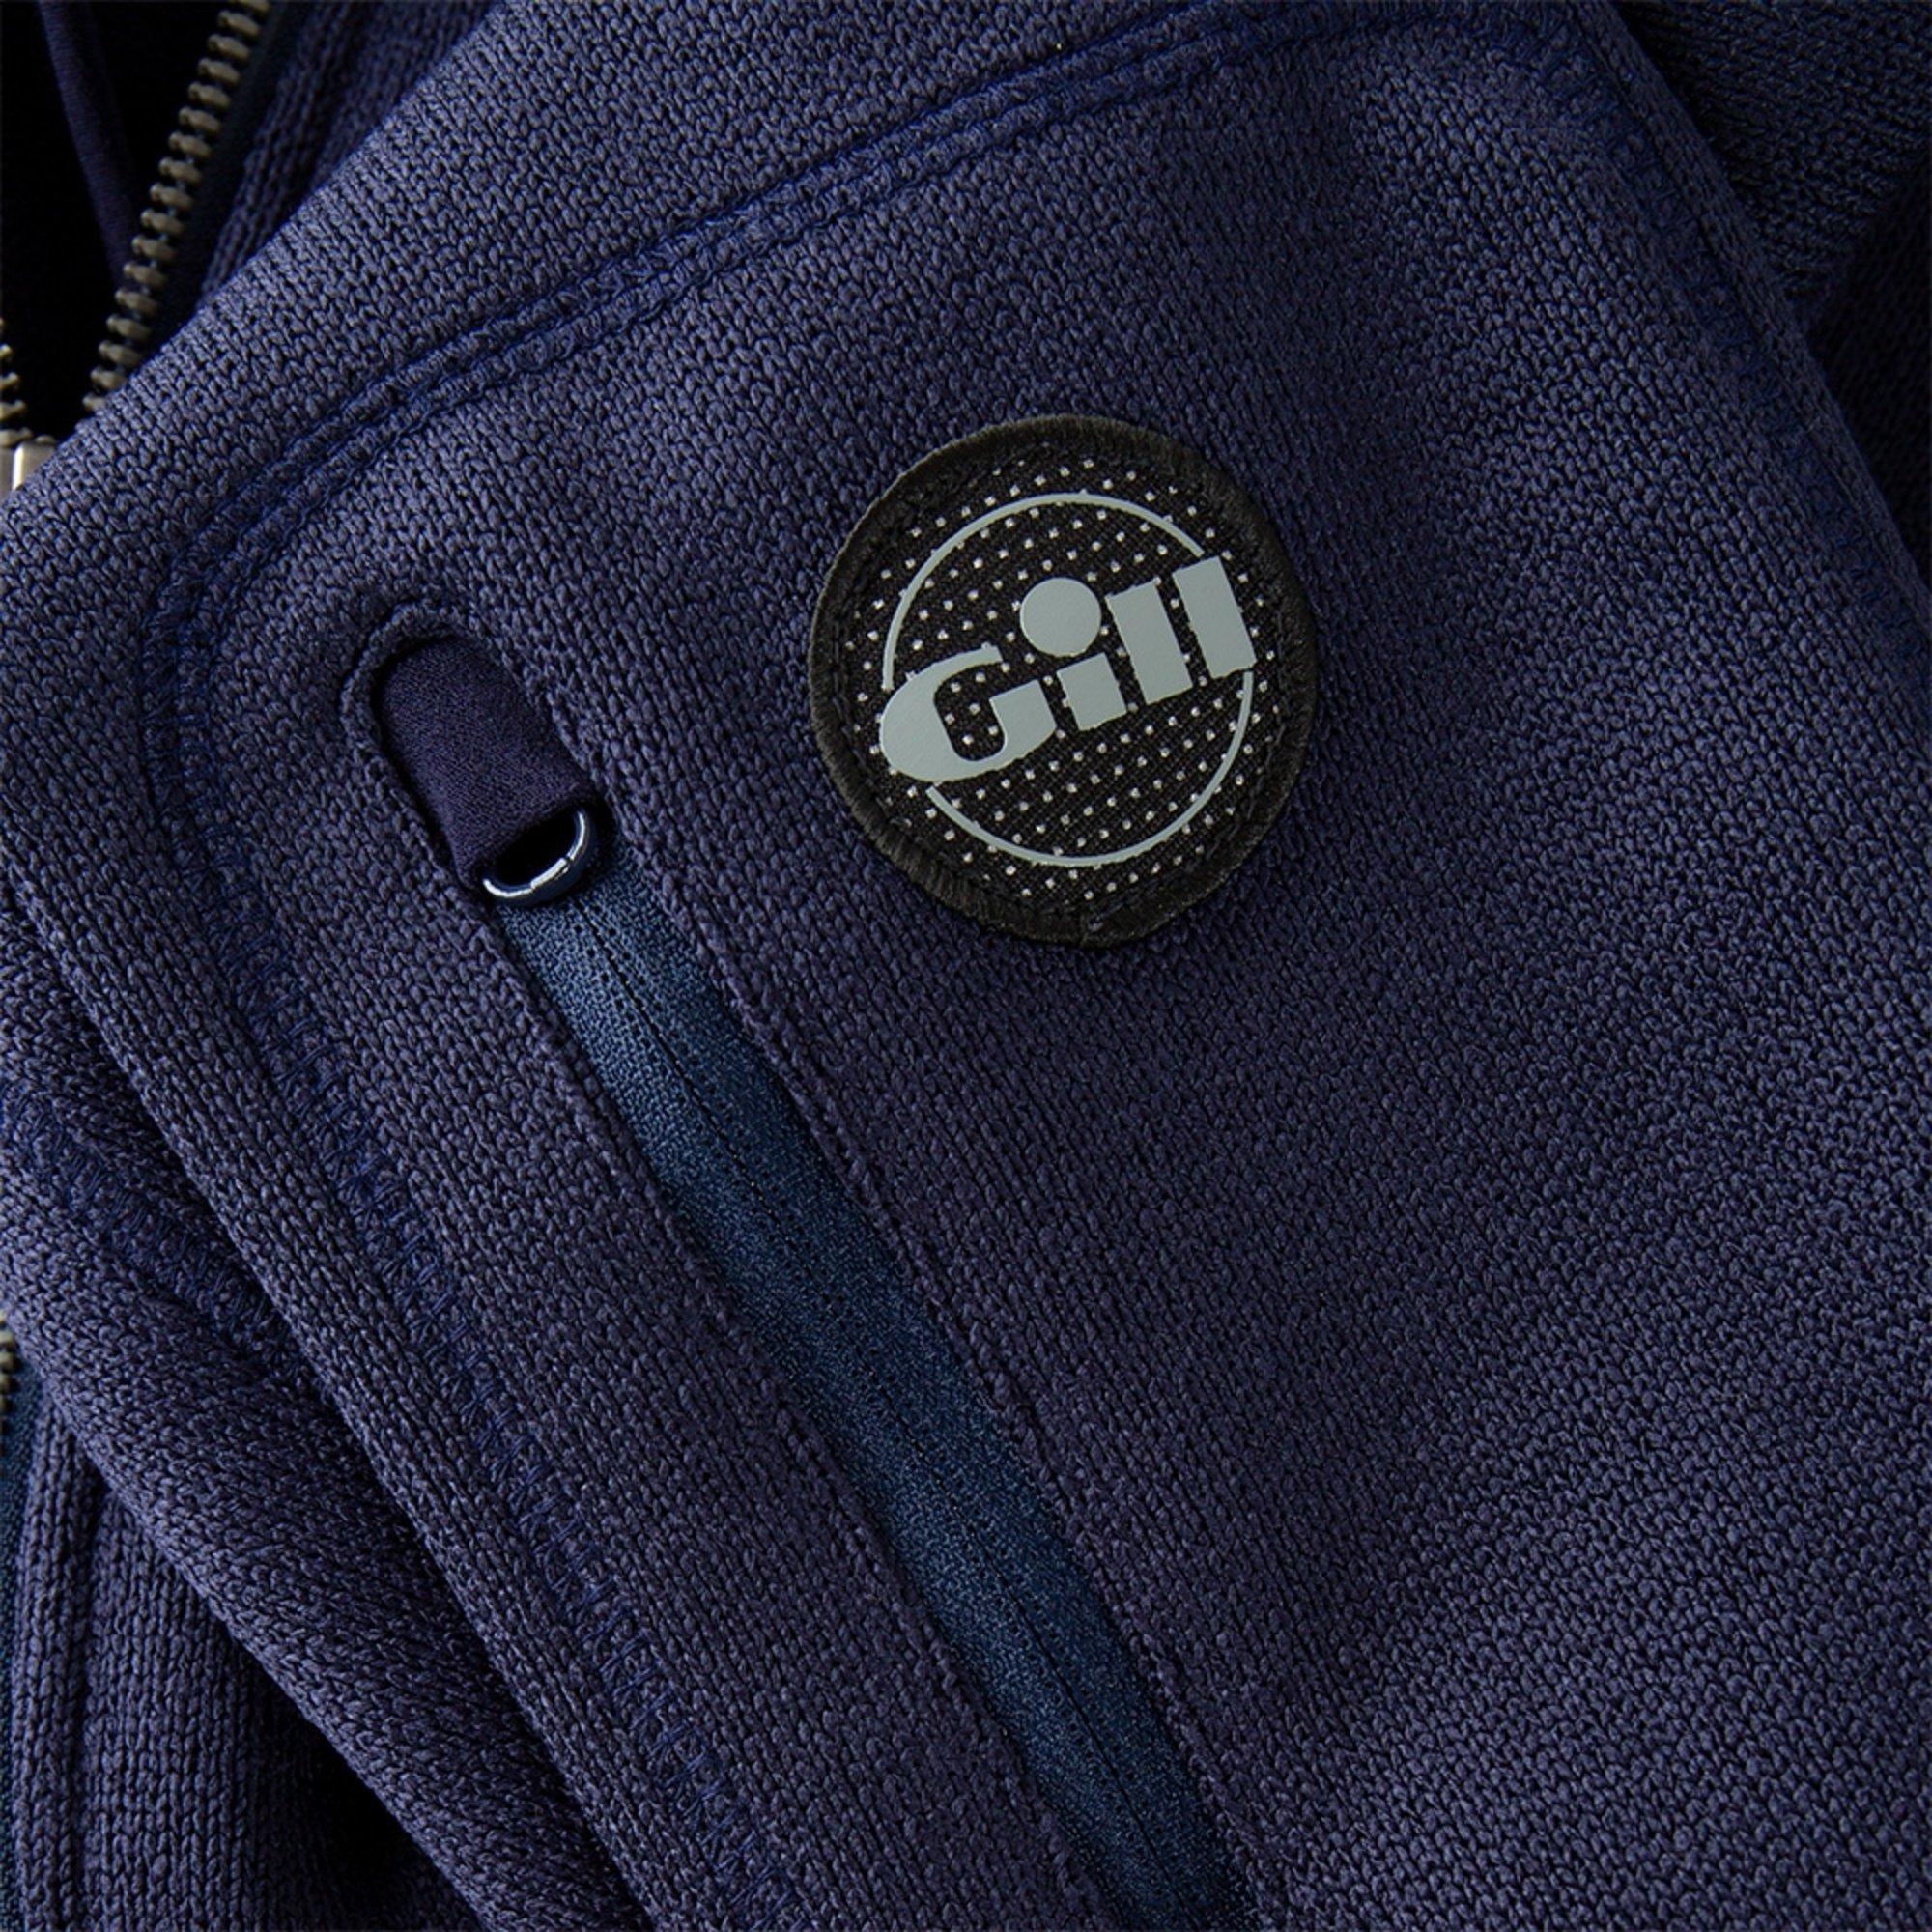 Women's Knit Fleece Jacket - 1493W-NAV06-6.jpg